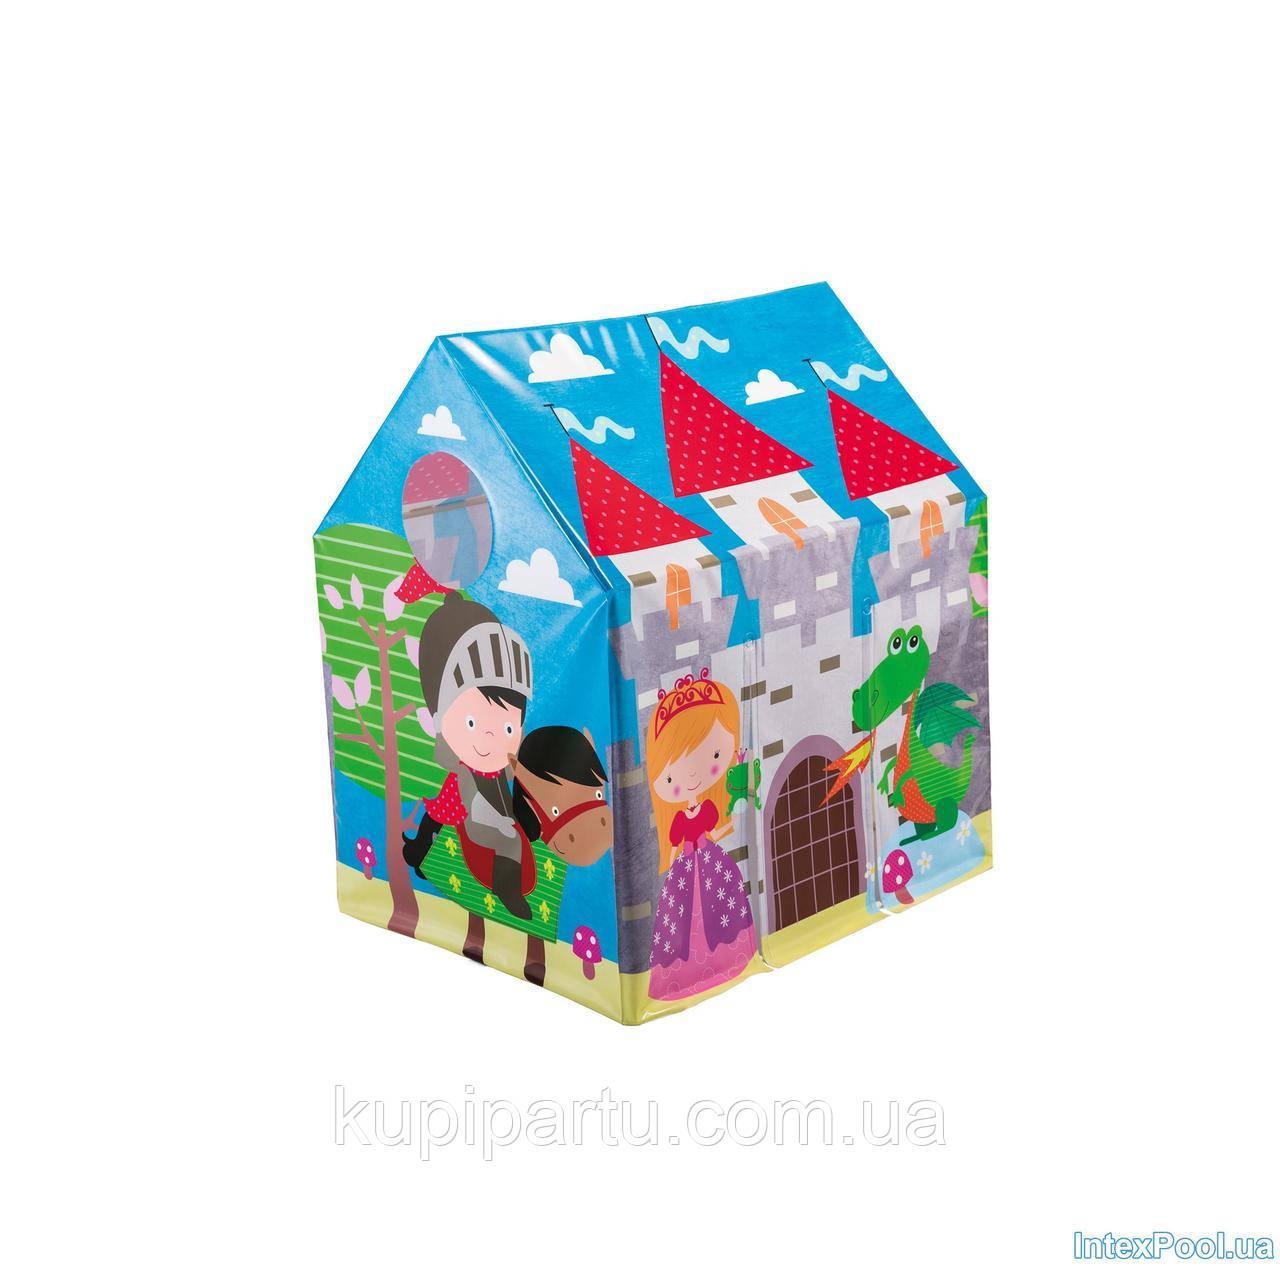 Игровой домик Intex Джунгли (45642) 95-75-107 см